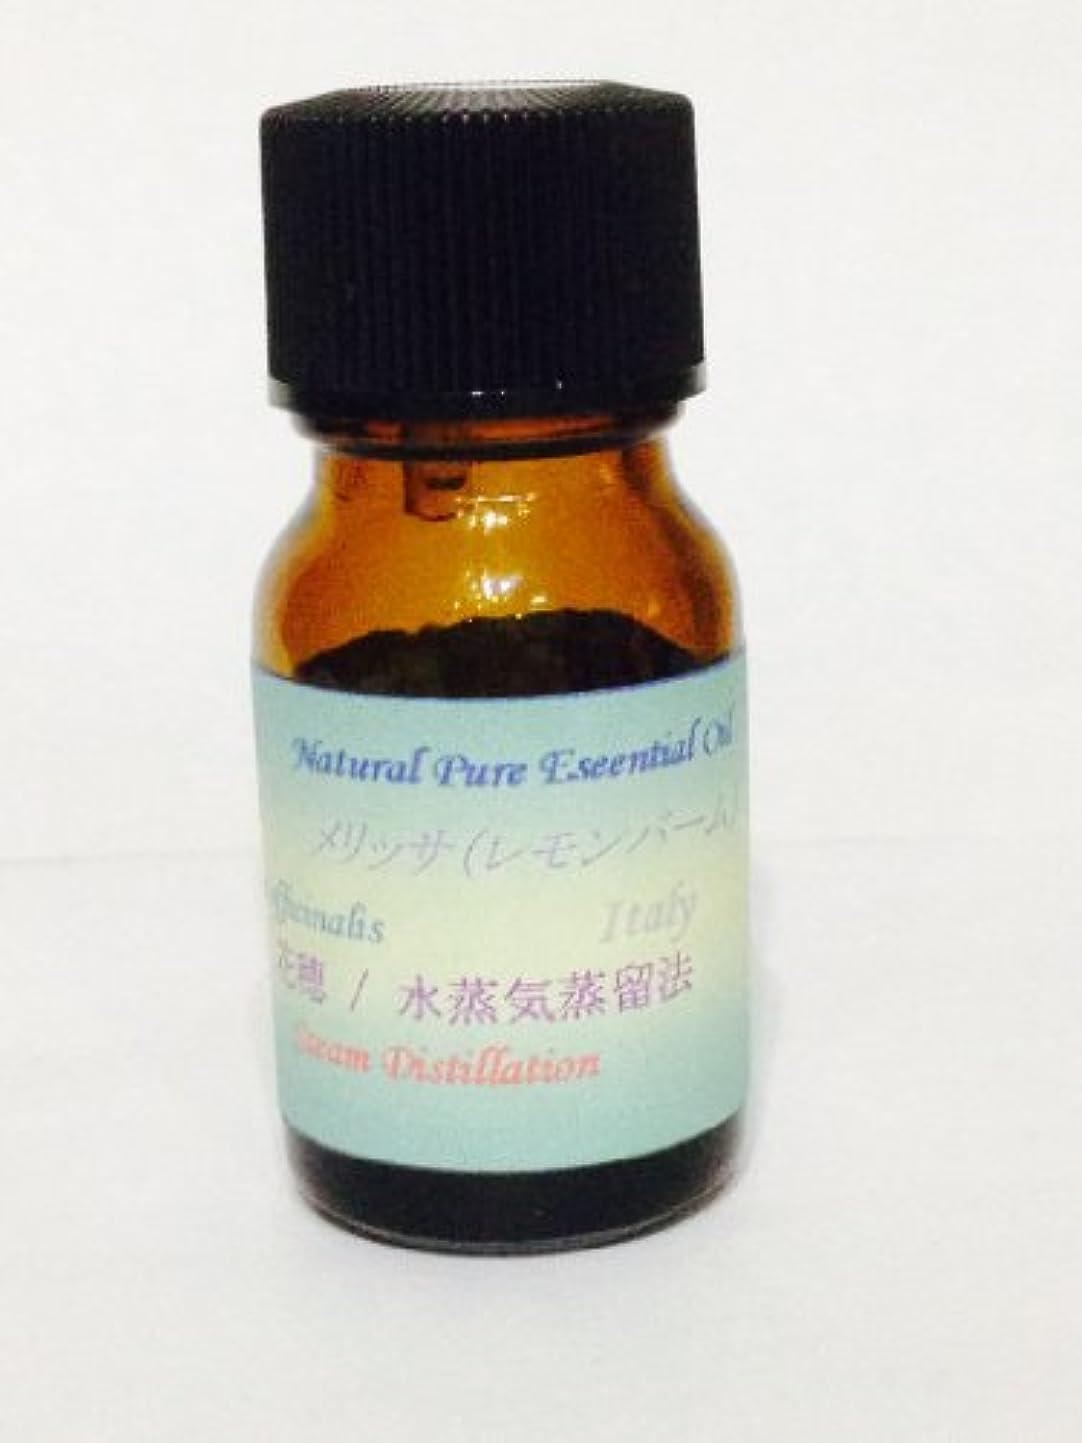 本土忌み嫌うハッピーメリッサ (レモンバーム) 100% ピュア エッセンシャルオイル 精油 10ml